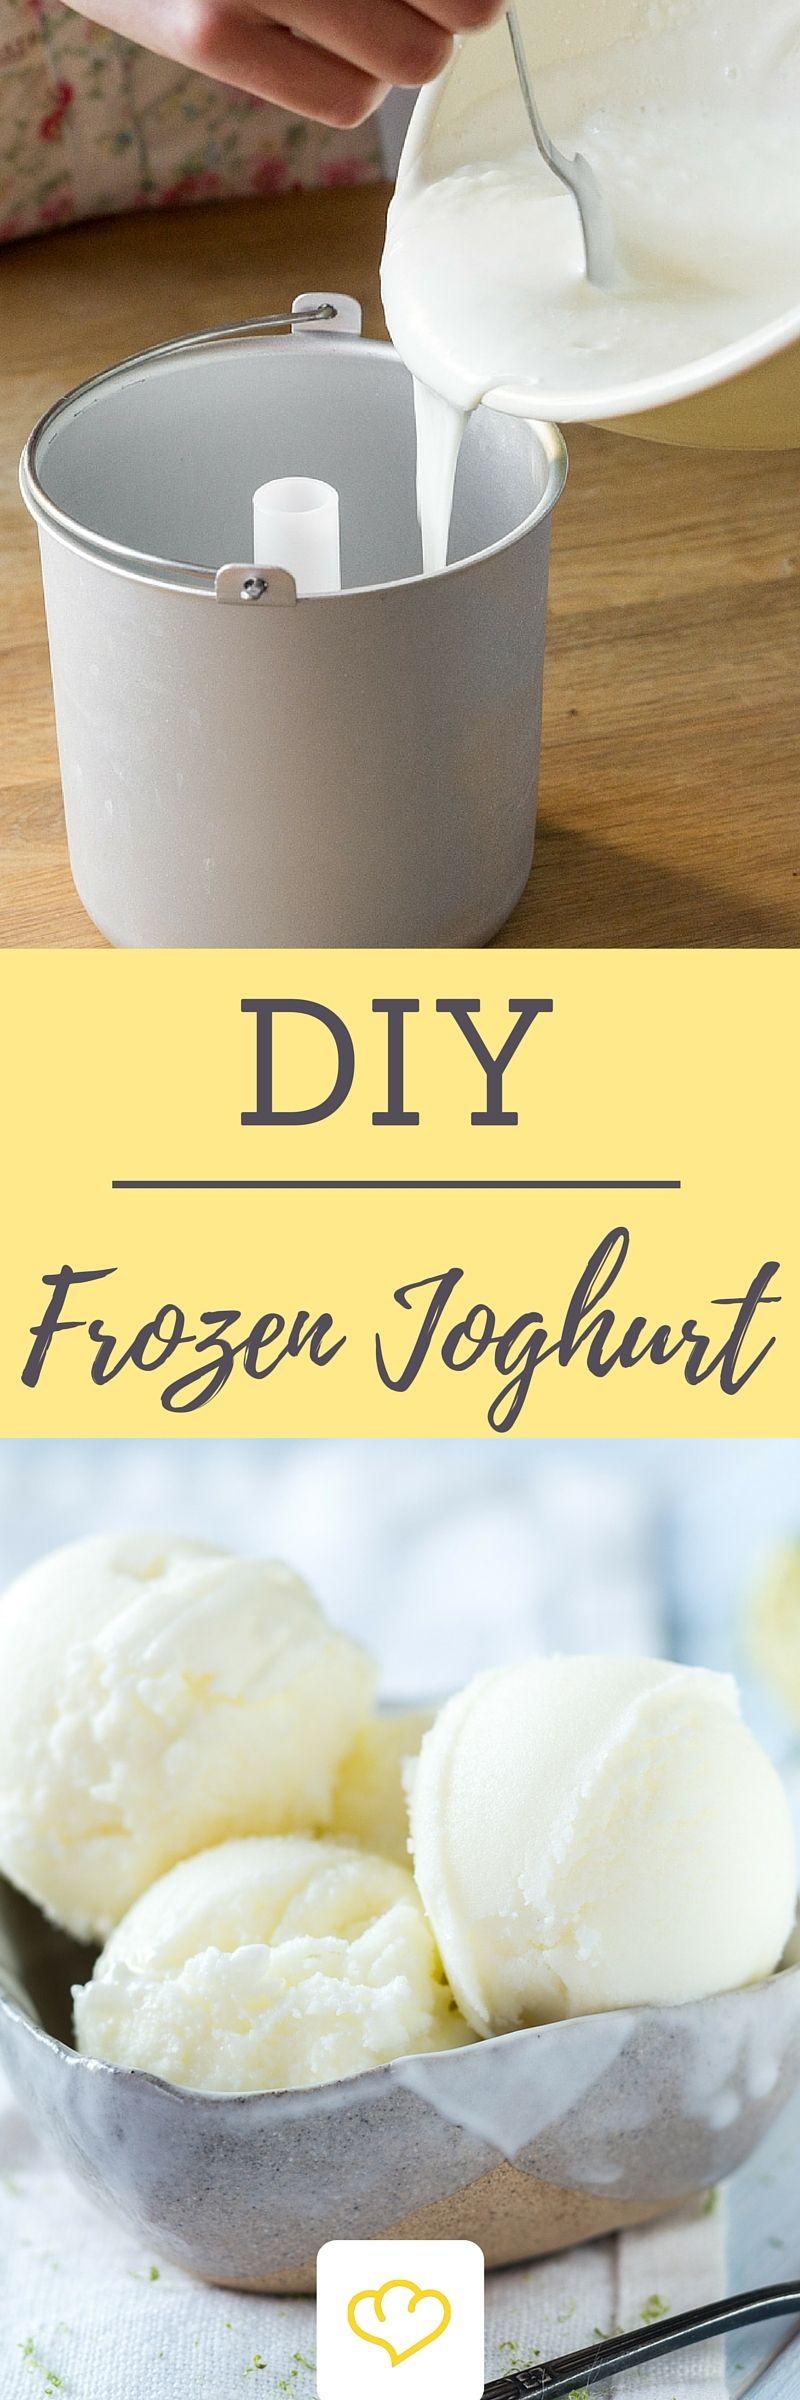 Keine Lust auf überfüllte Frozen-Joghurt Läden? Die Zeiten in denen ihr euch angestellt habt sind nun endgültig vorbei! Mit diesem Rezept macht ihr Frozen Joghurt ganz einfach selber bei euch zu Hause! #allwhiteparty